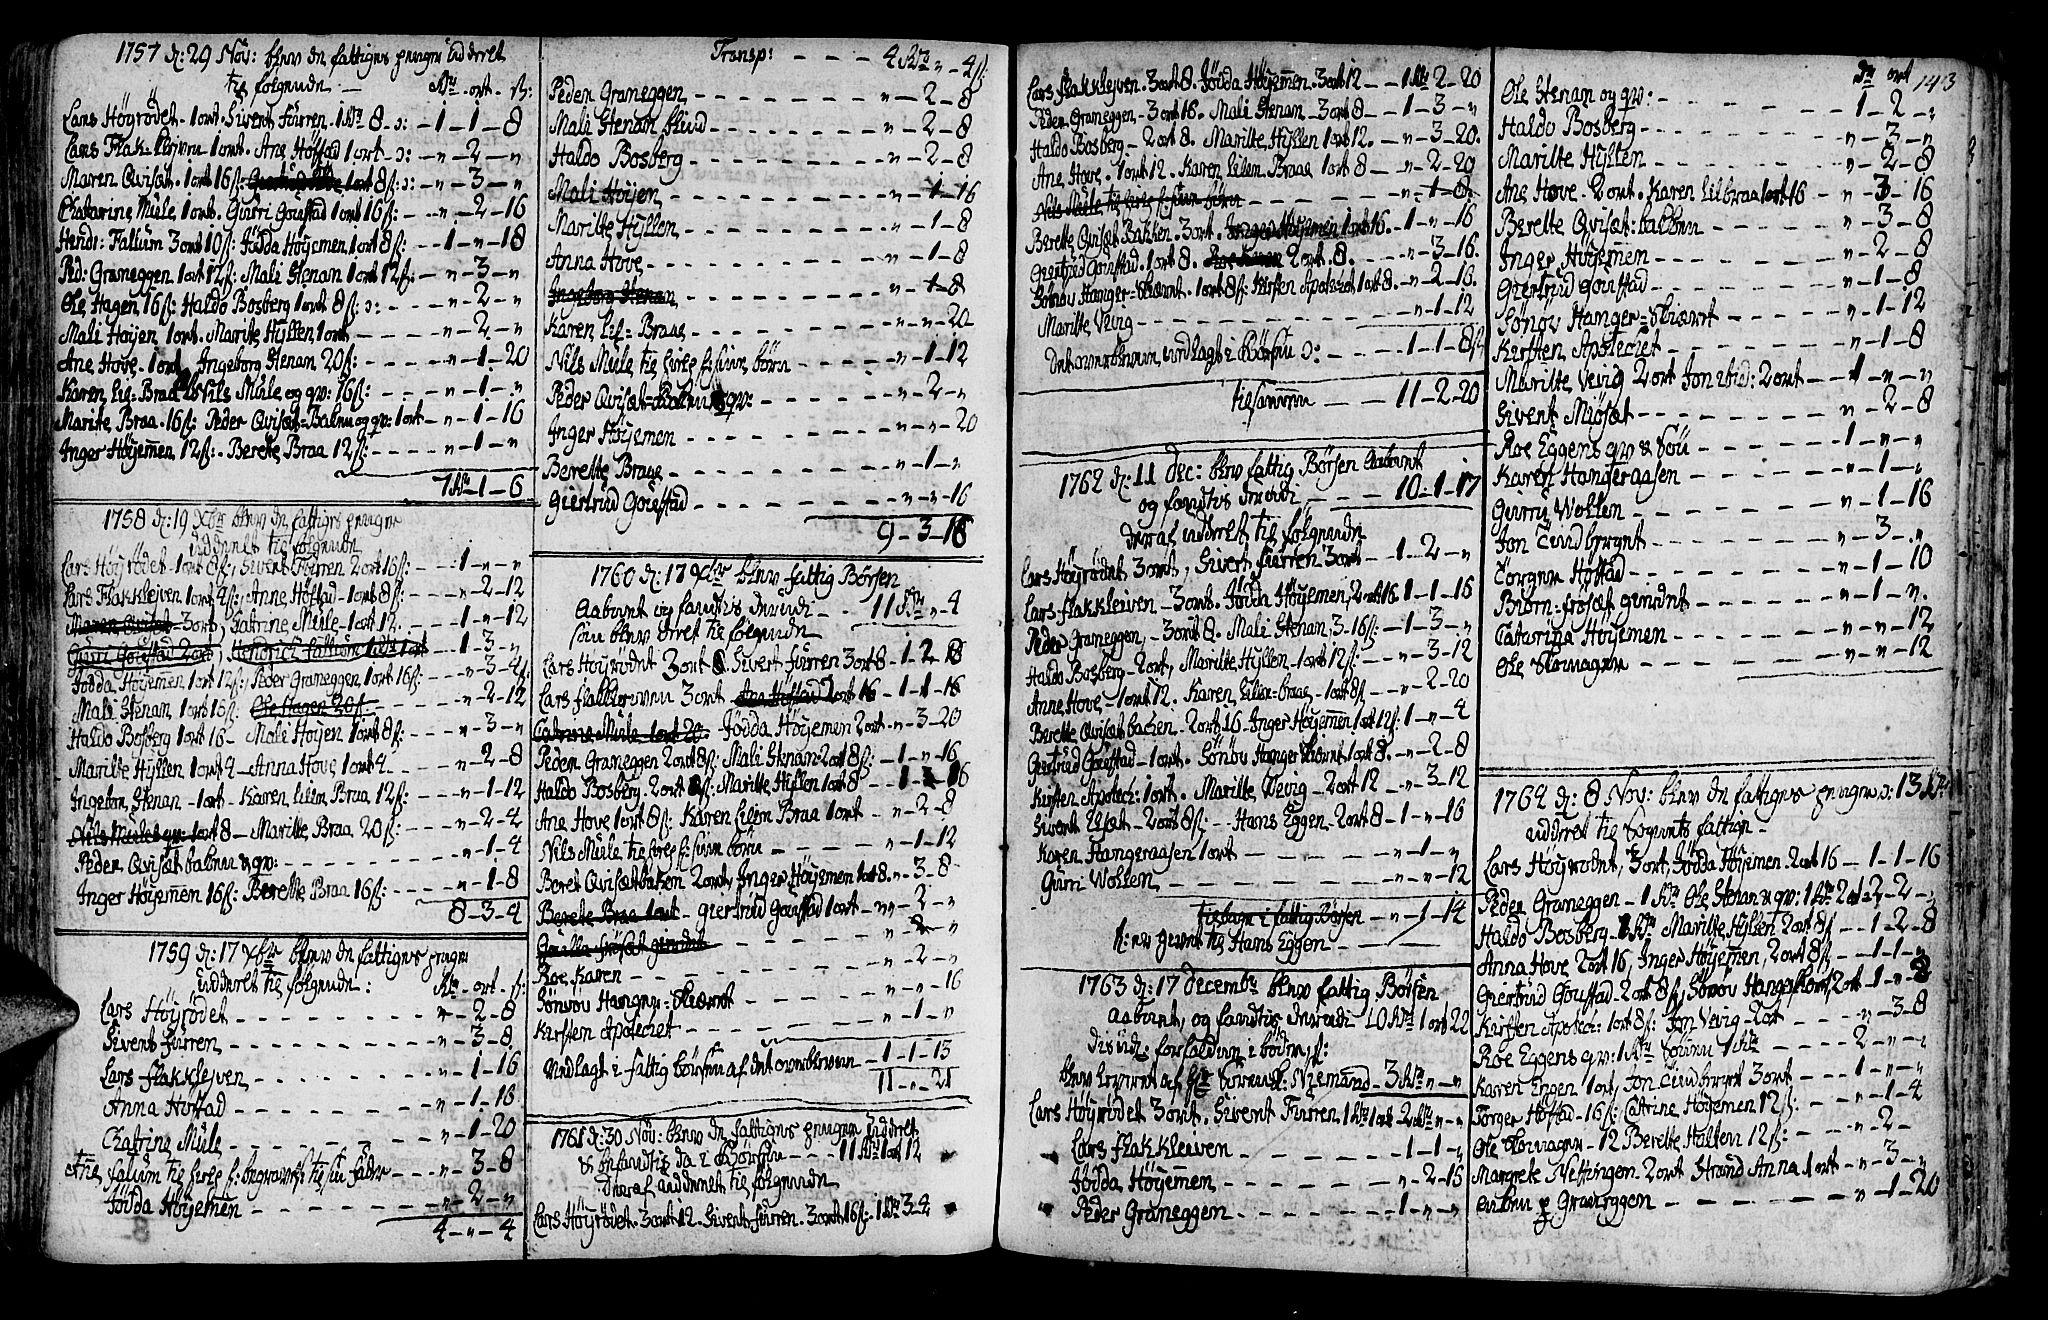 SAT, Ministerialprotokoller, klokkerbøker og fødselsregistre - Sør-Trøndelag, 612/L0370: Ministerialbok nr. 612A04, 1754-1802, s. 143